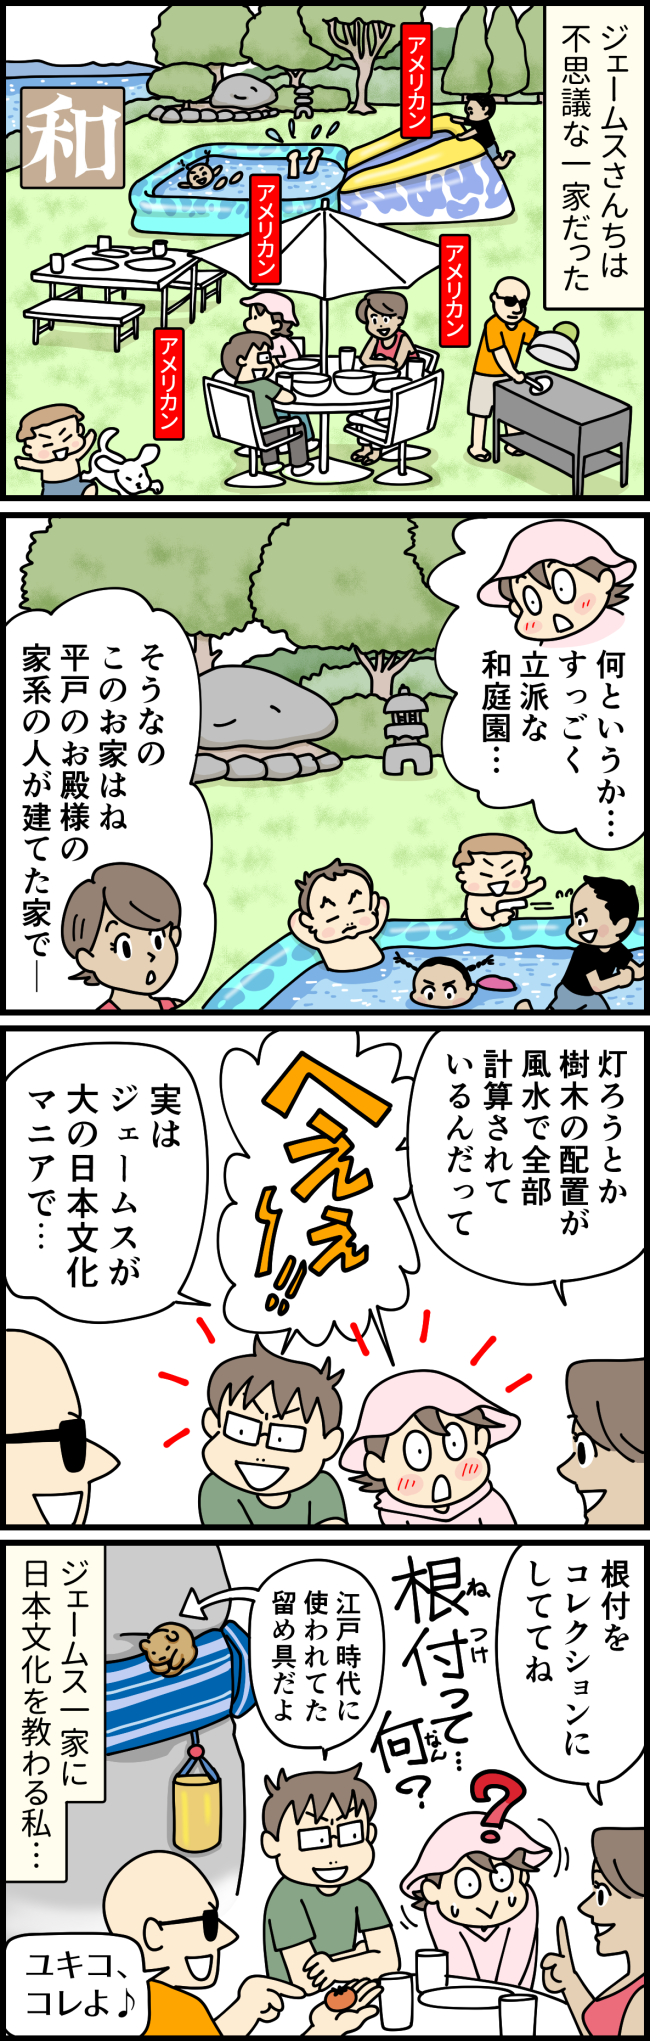 外国人一家の庭で彼らから日本文化を教わる大原家